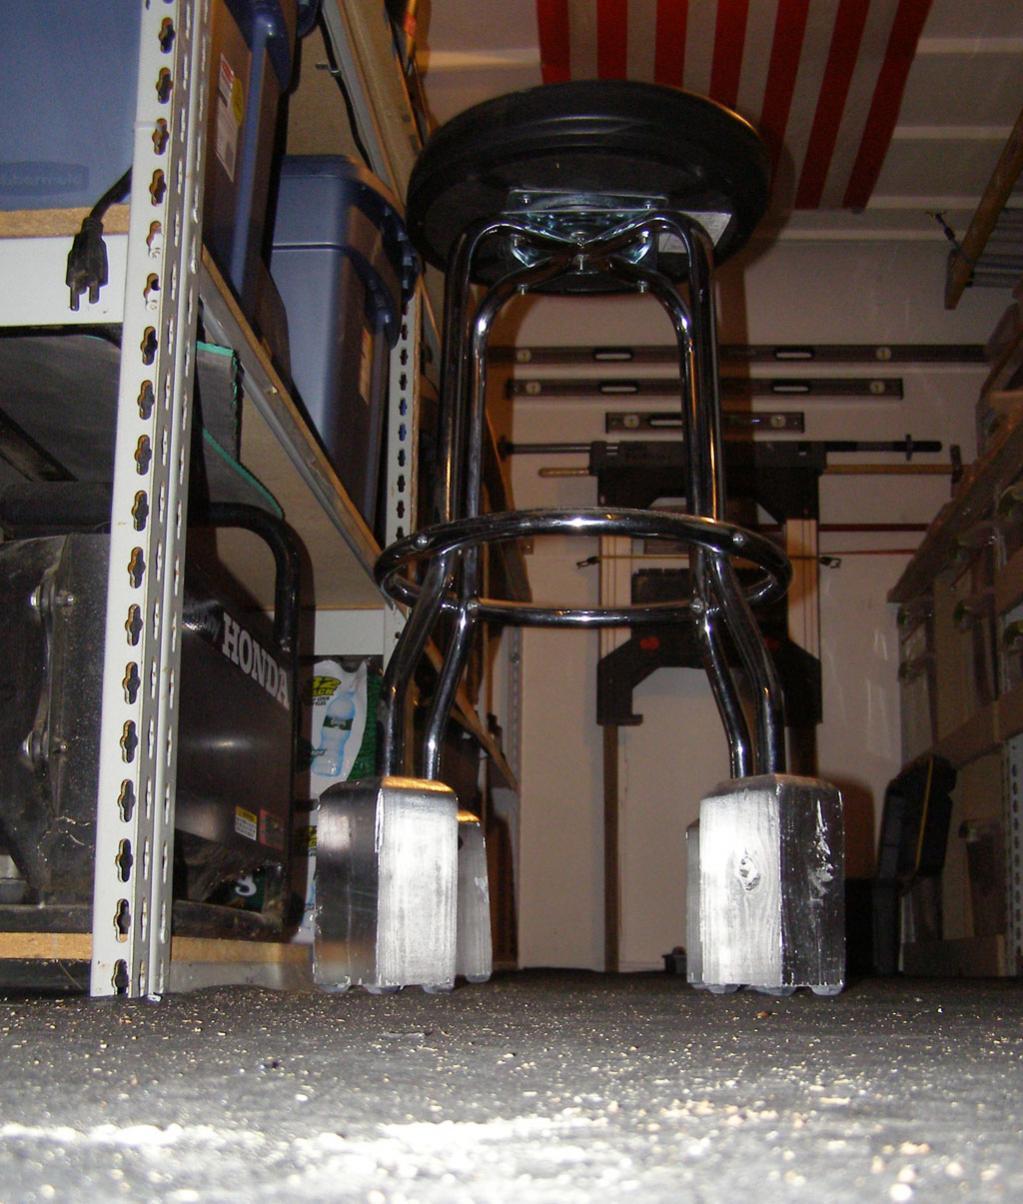 Post your work truck/van thread-sept7-016.jpg